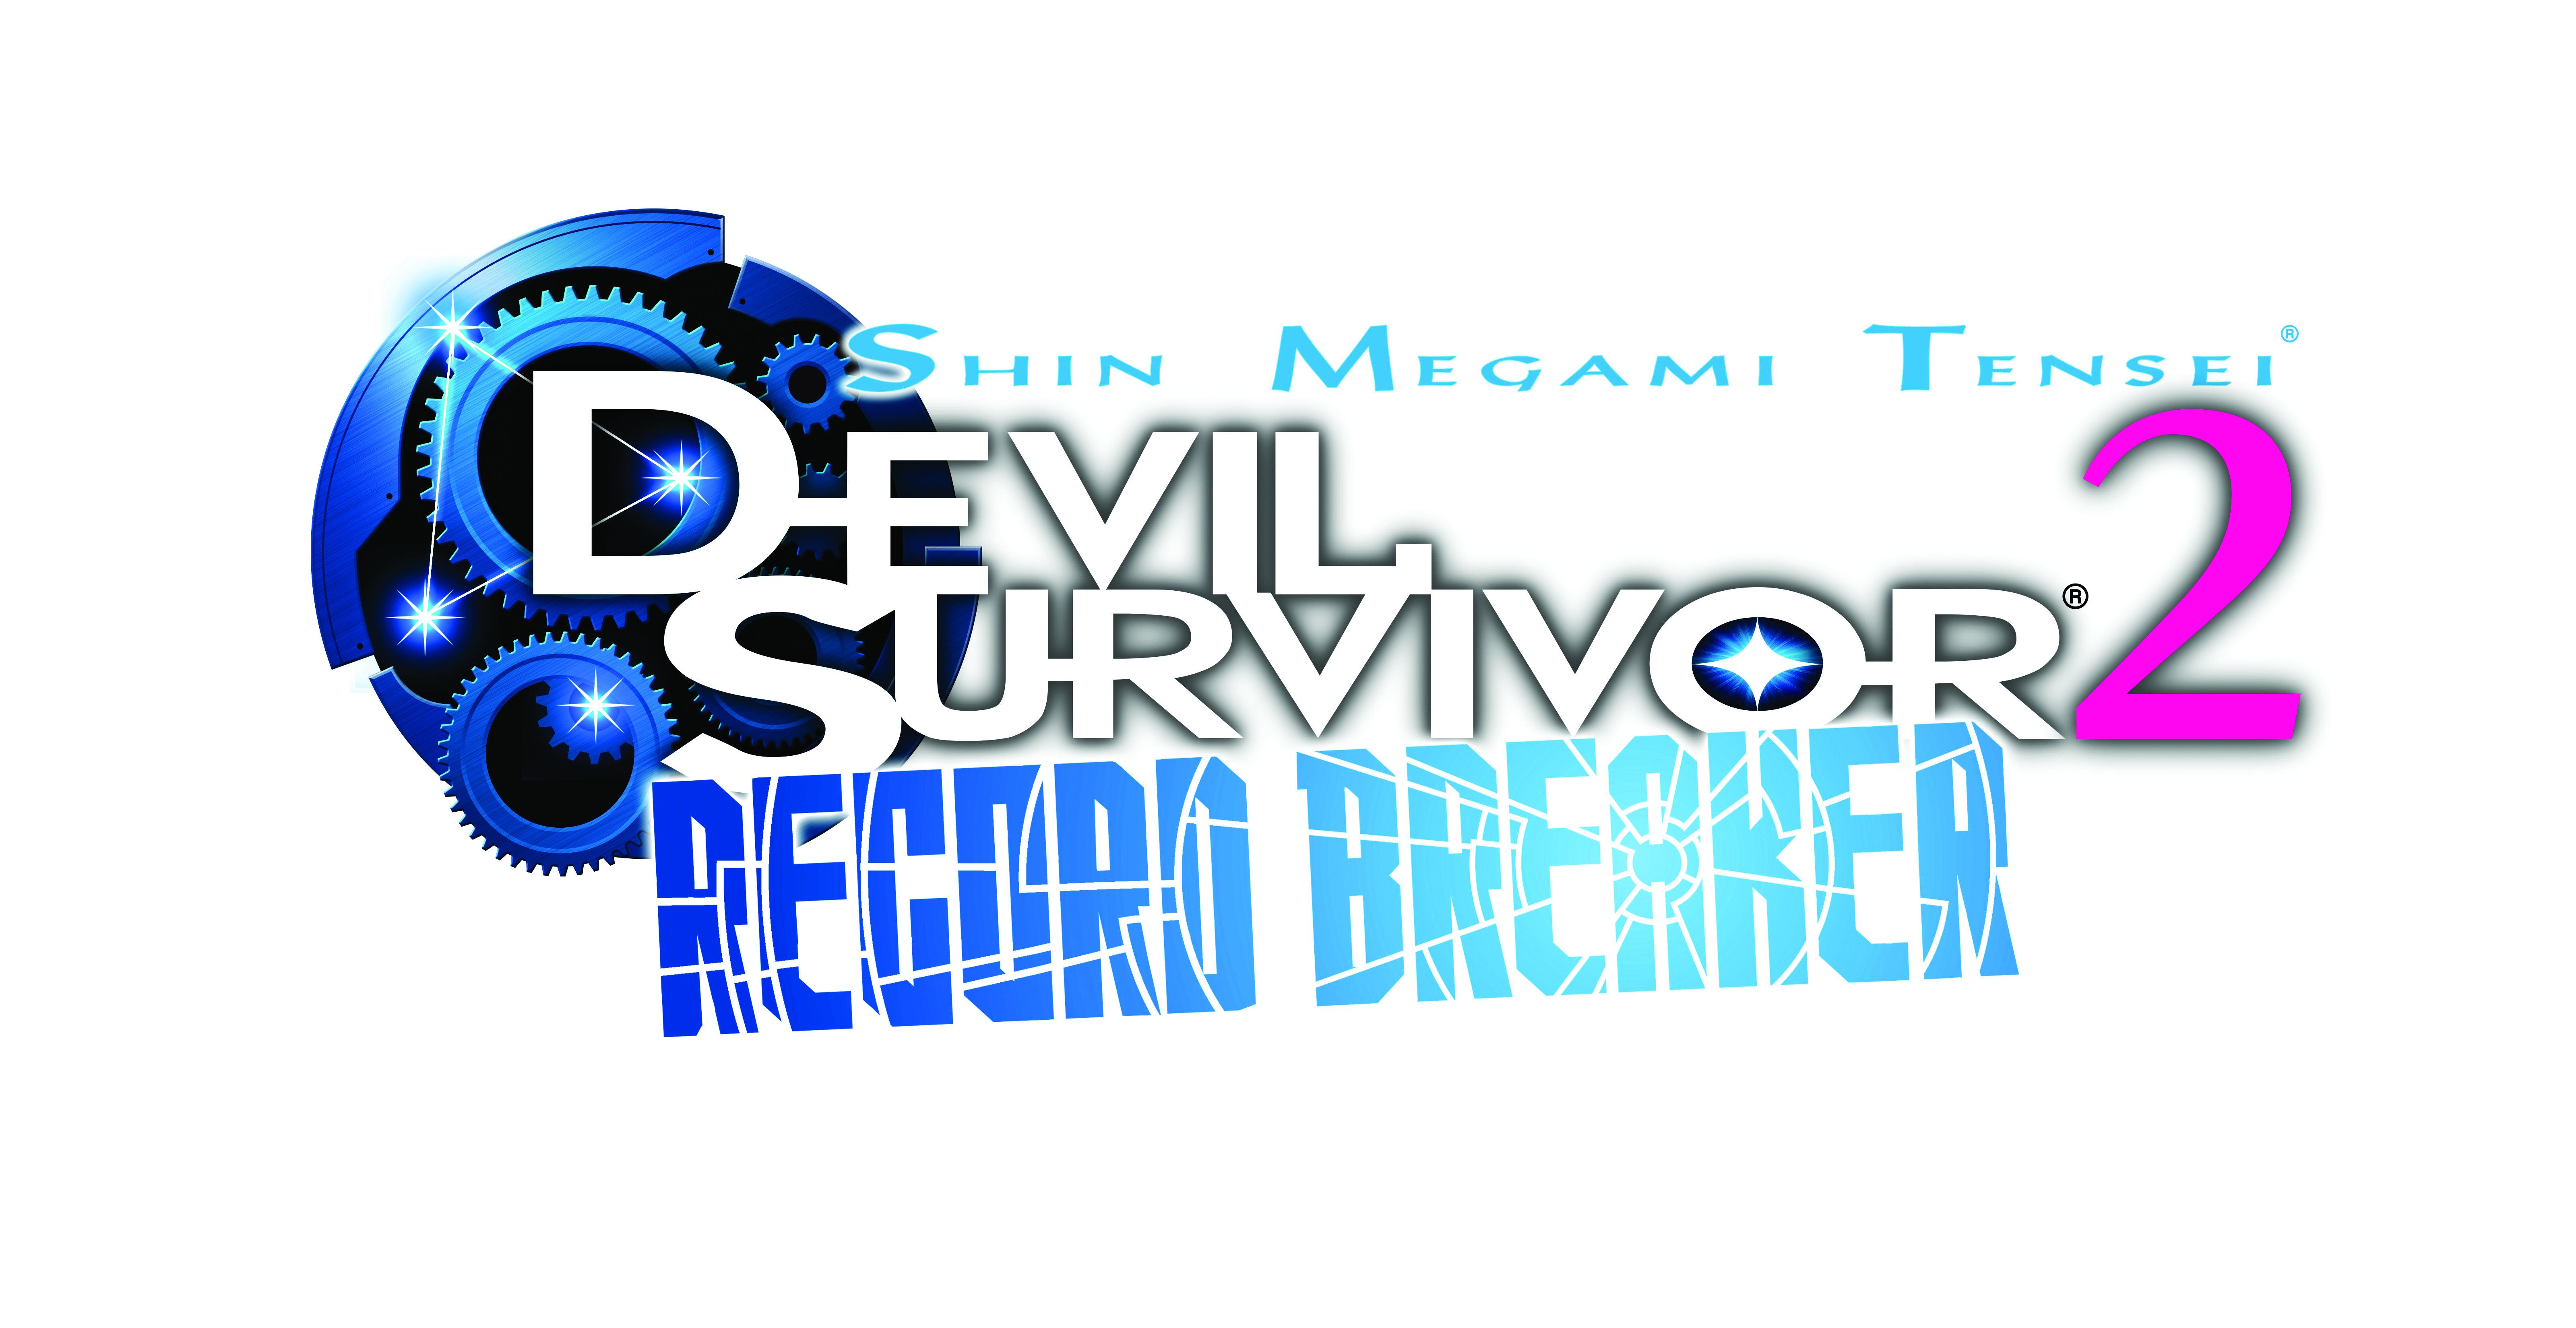 shin megami tensei: devil survivor 2 record breaker review